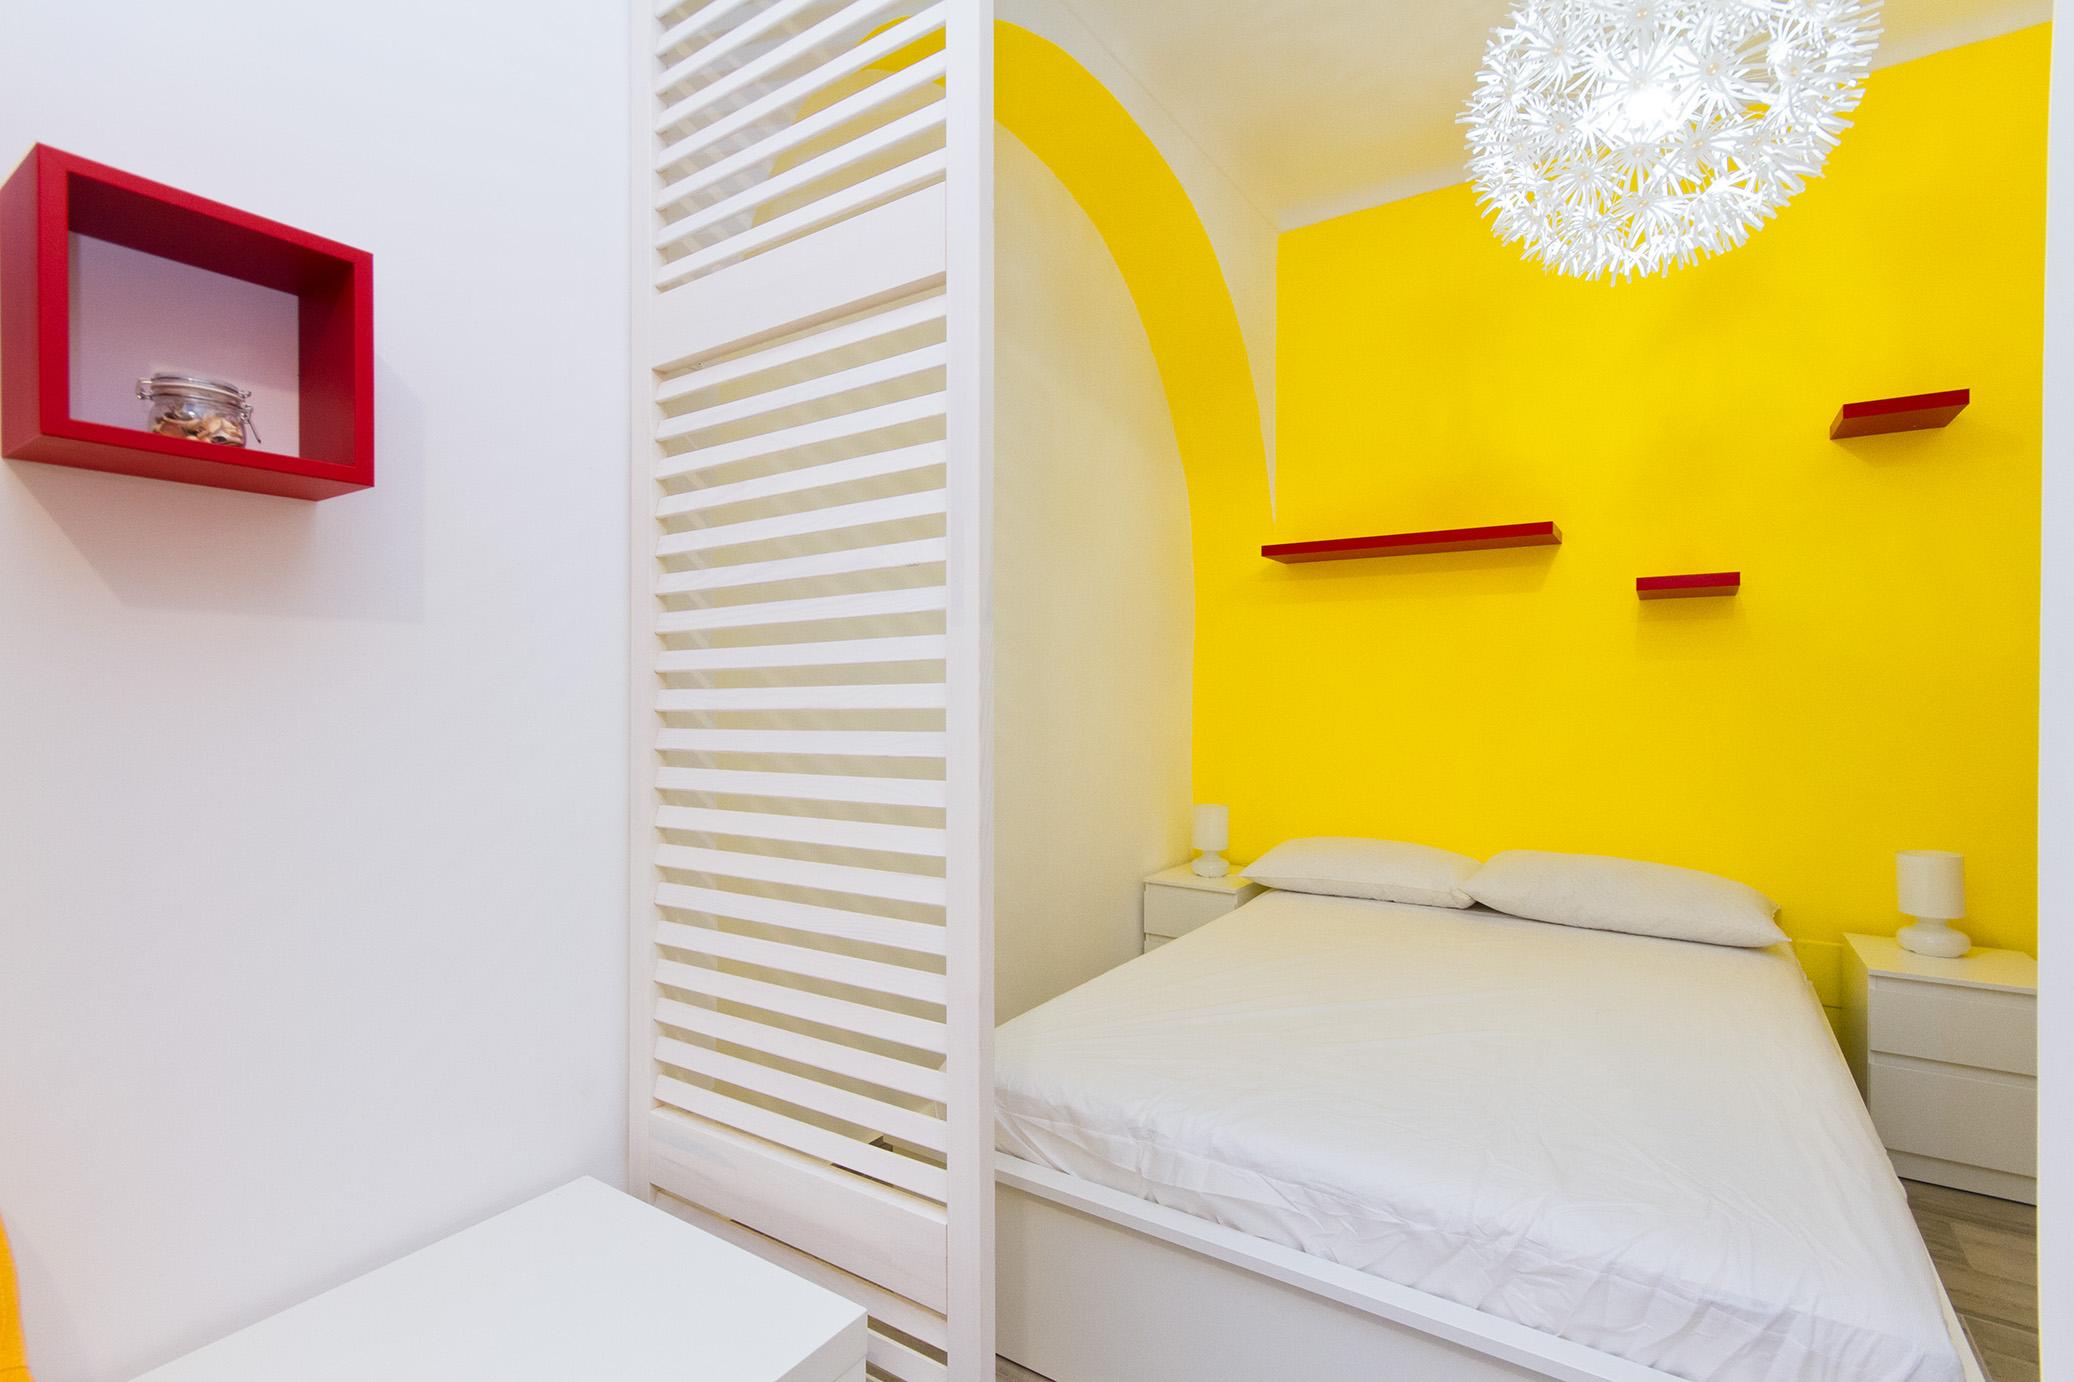 Stanza Ufficio Torino : Torino location roomto affitto stanze appartamenti o loft a